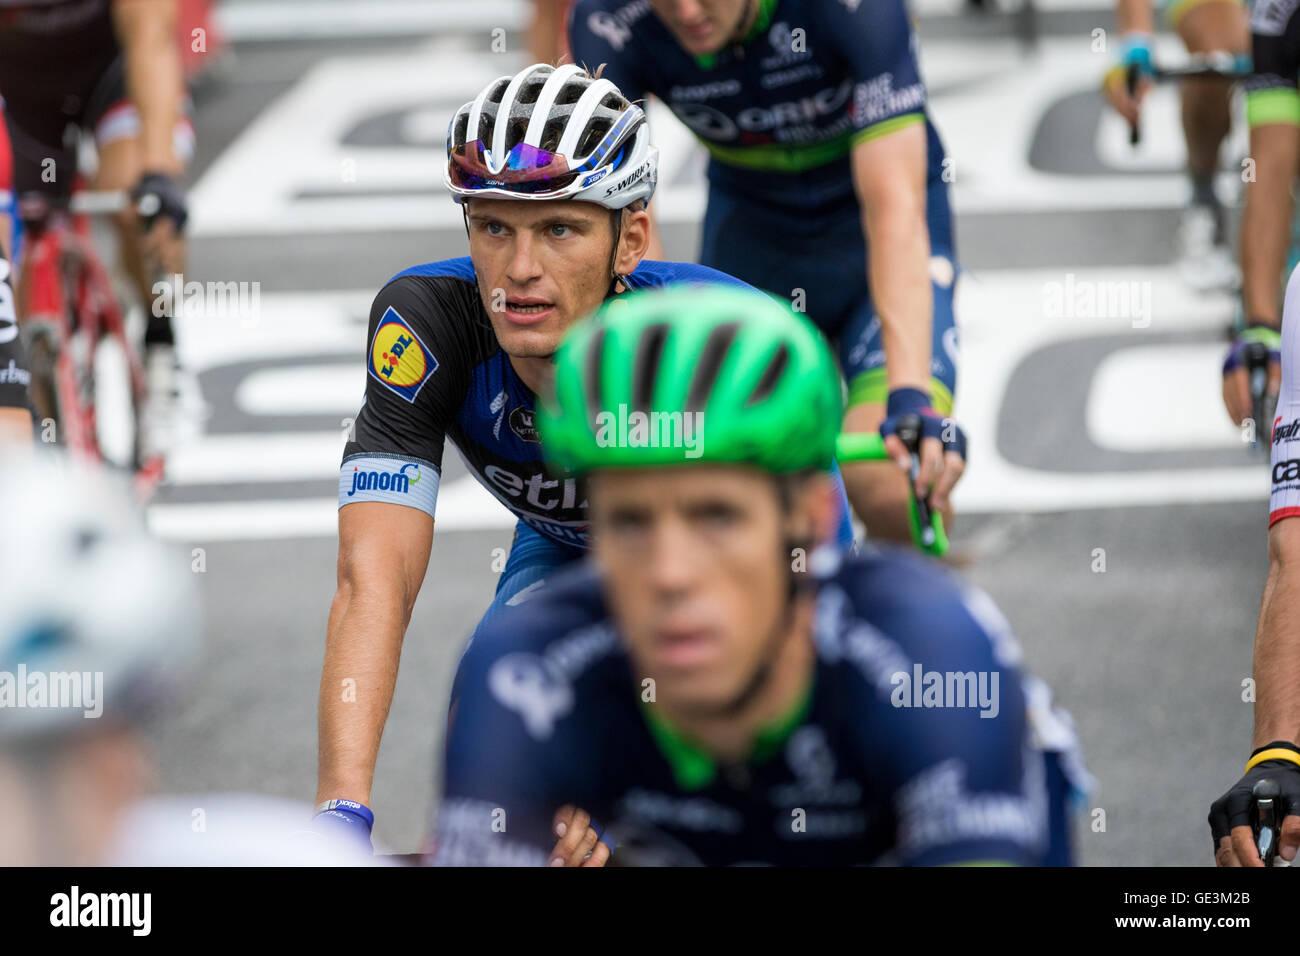 Tour de France. 22nd July, 2016. Saint-Gervais-les-Bains, FR. Marcel Kittel (Etixx-Quickstep) crosses the finish Stock Photo